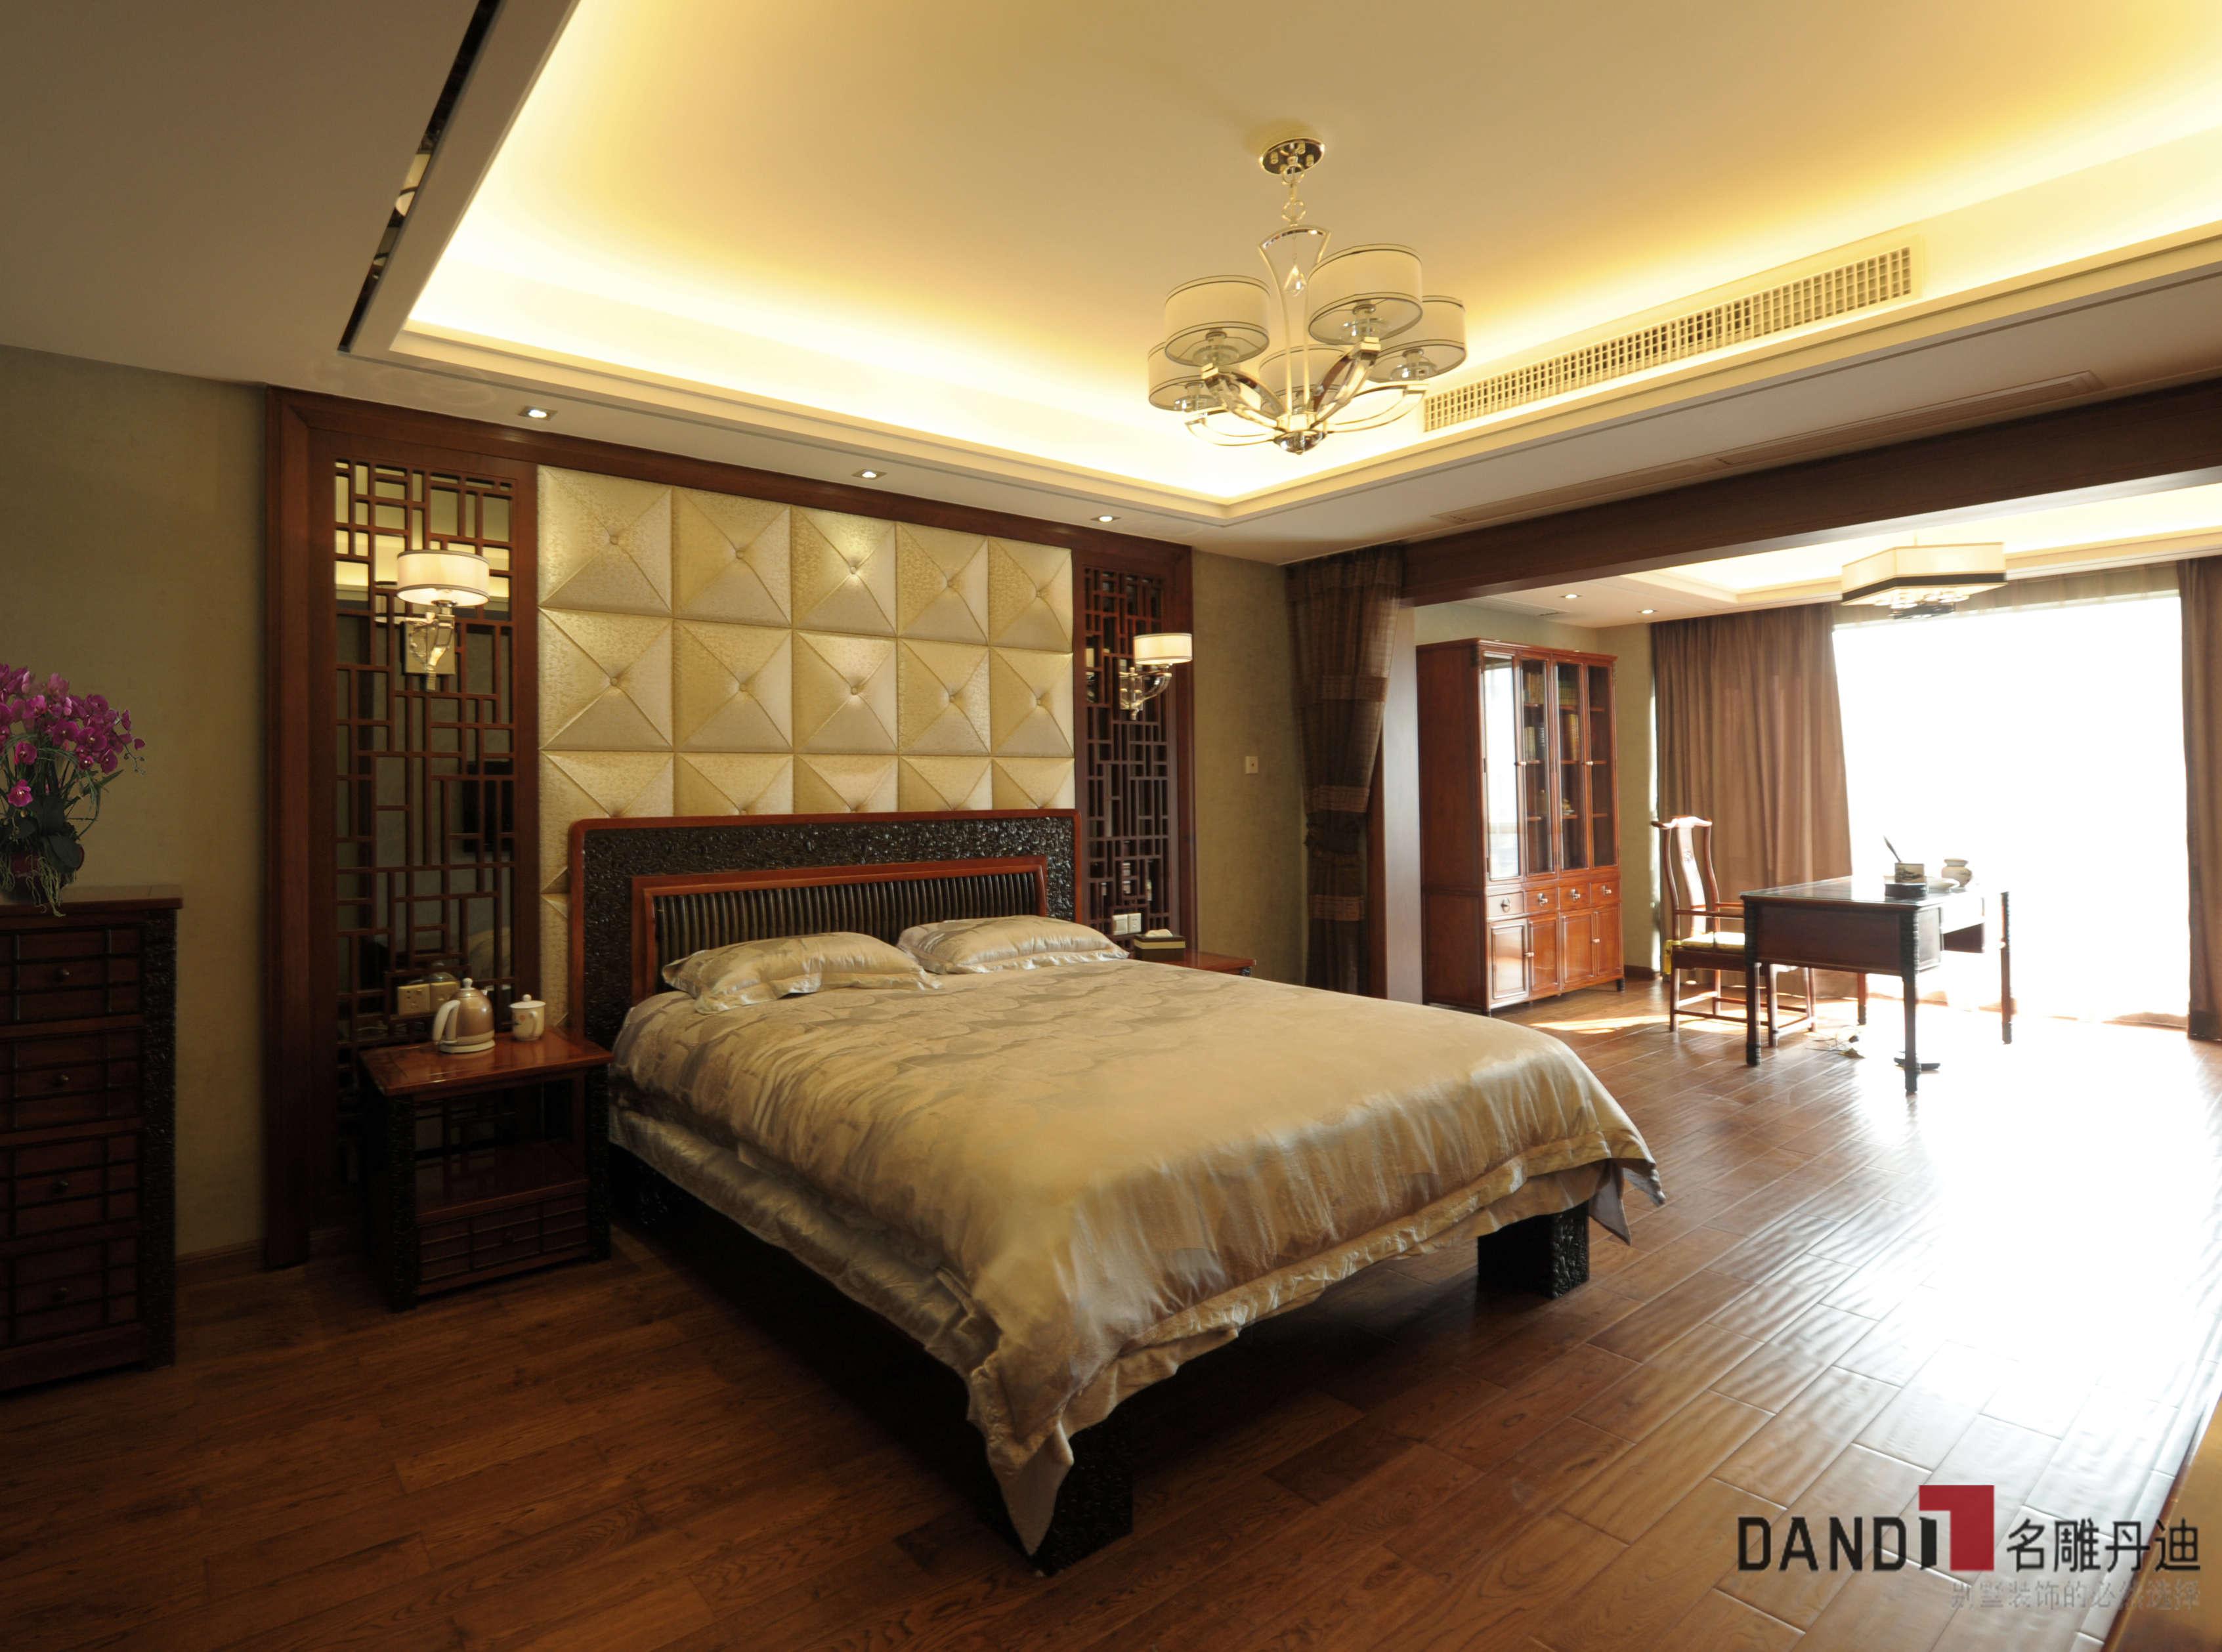 中式别墅 别墅 新中式风格 中式 高富帅 文艺范 别墅装饰 公园大地 卧室 卧室图片来自名雕丹迪在公园大地250平新中式儒雅之家的分享